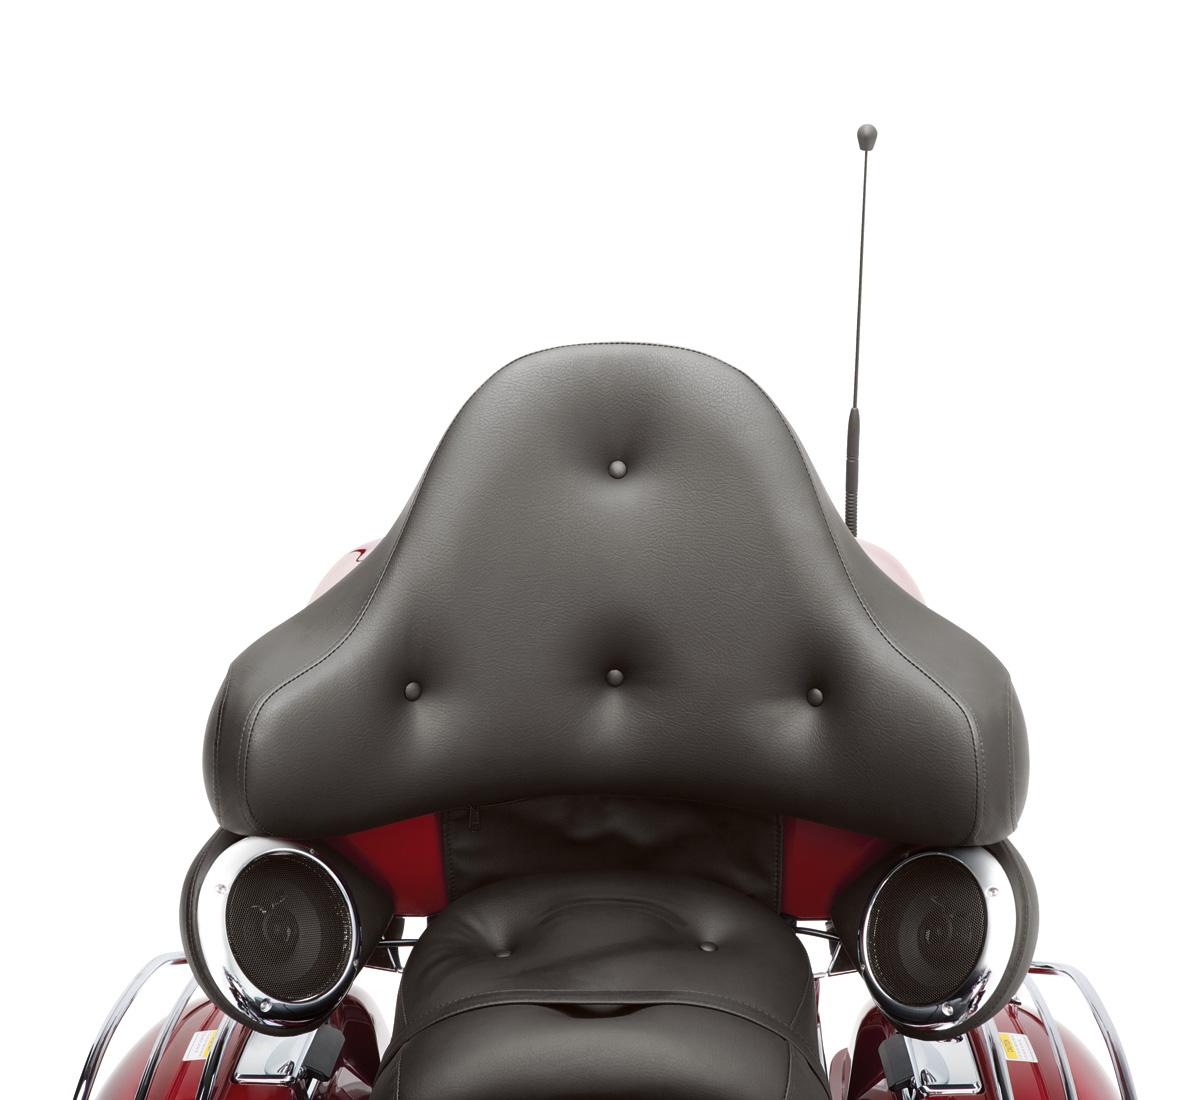 2018 VULCAN 1700 VOYAGER ABS Cruisers Motorcycle by Kawasaki – Kawasaki Voyager 1700 Wiring Diagram